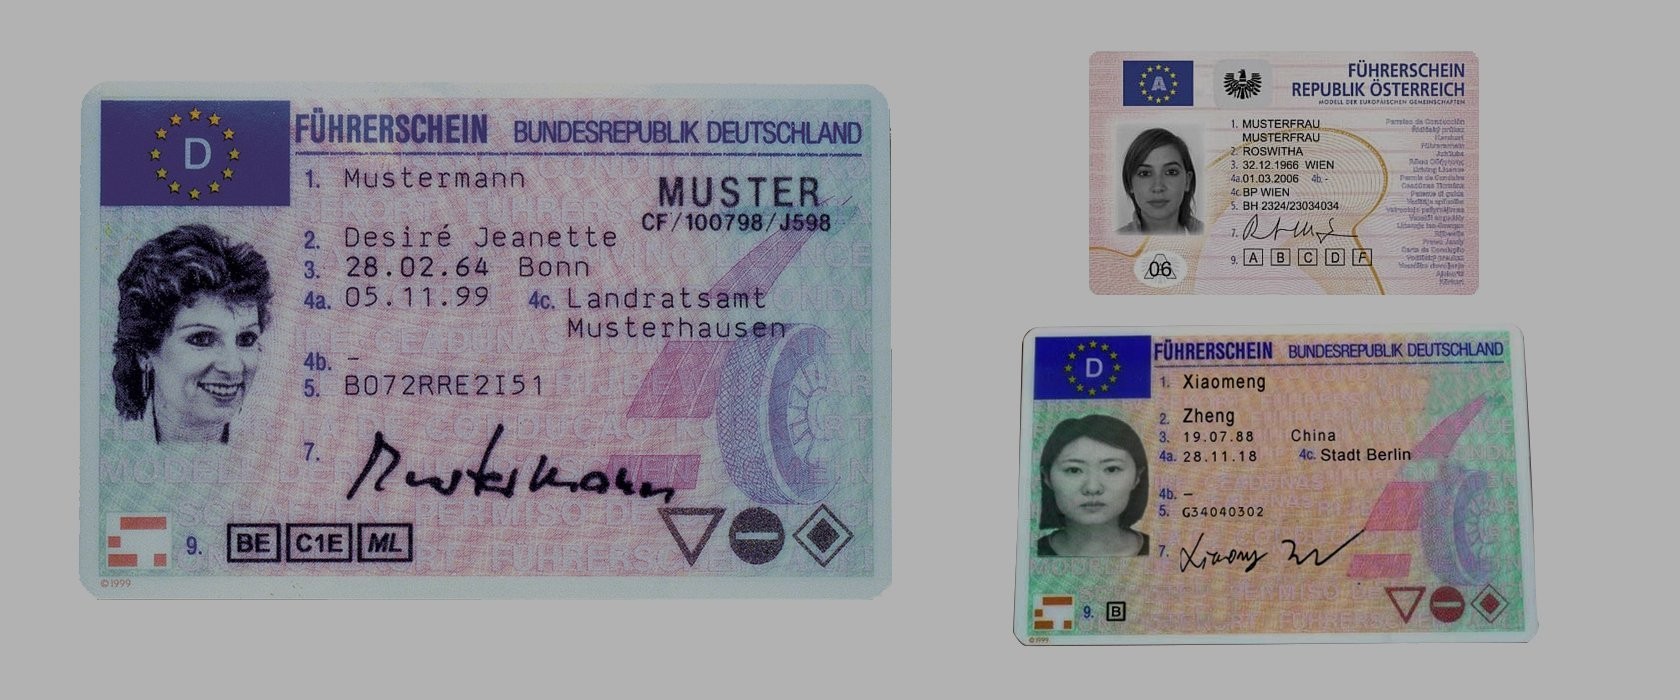 Führerschein Kaufen | Aktuell24